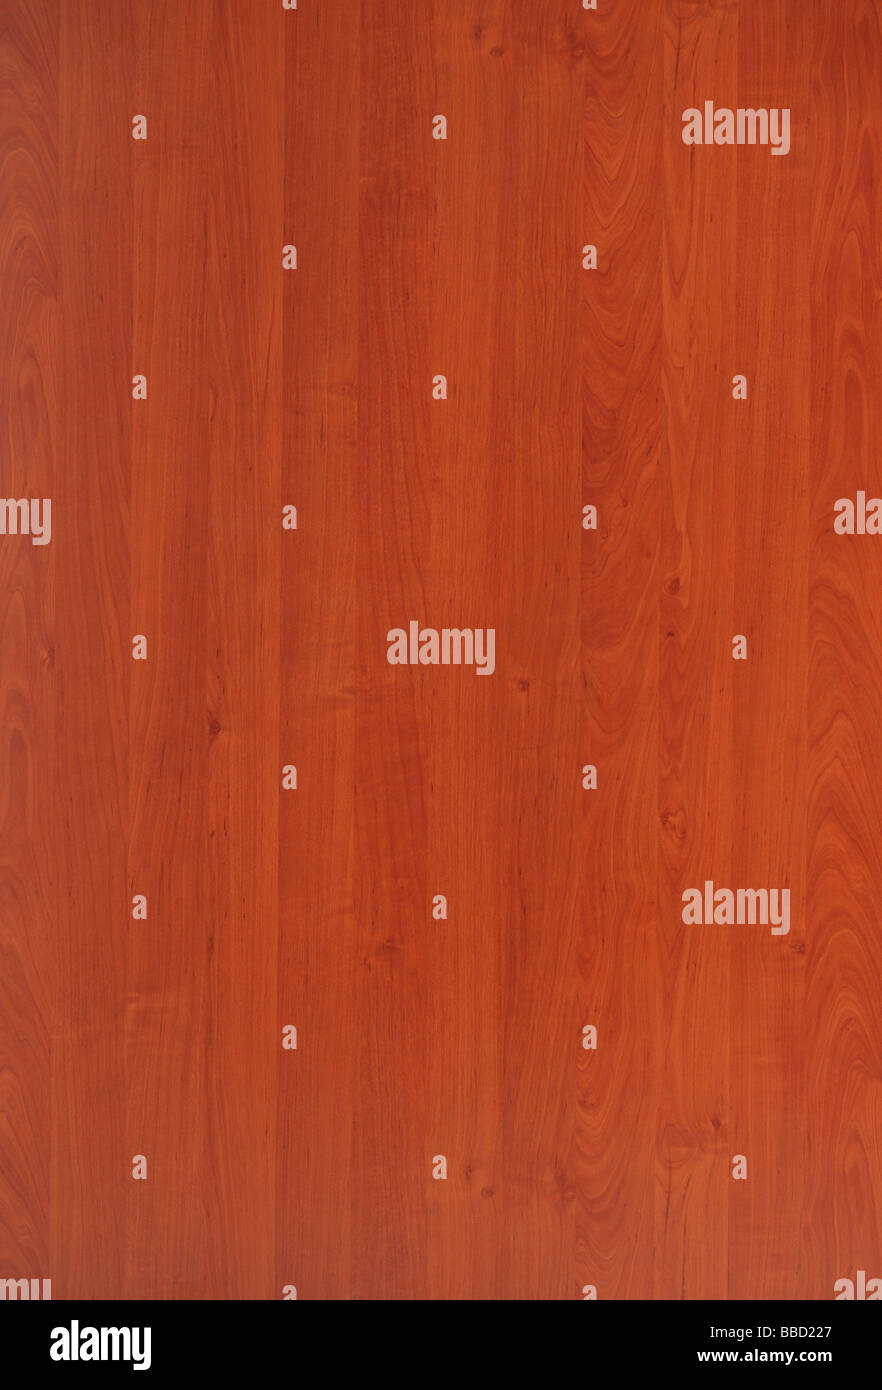 Fondo de madera Imagen De Stock